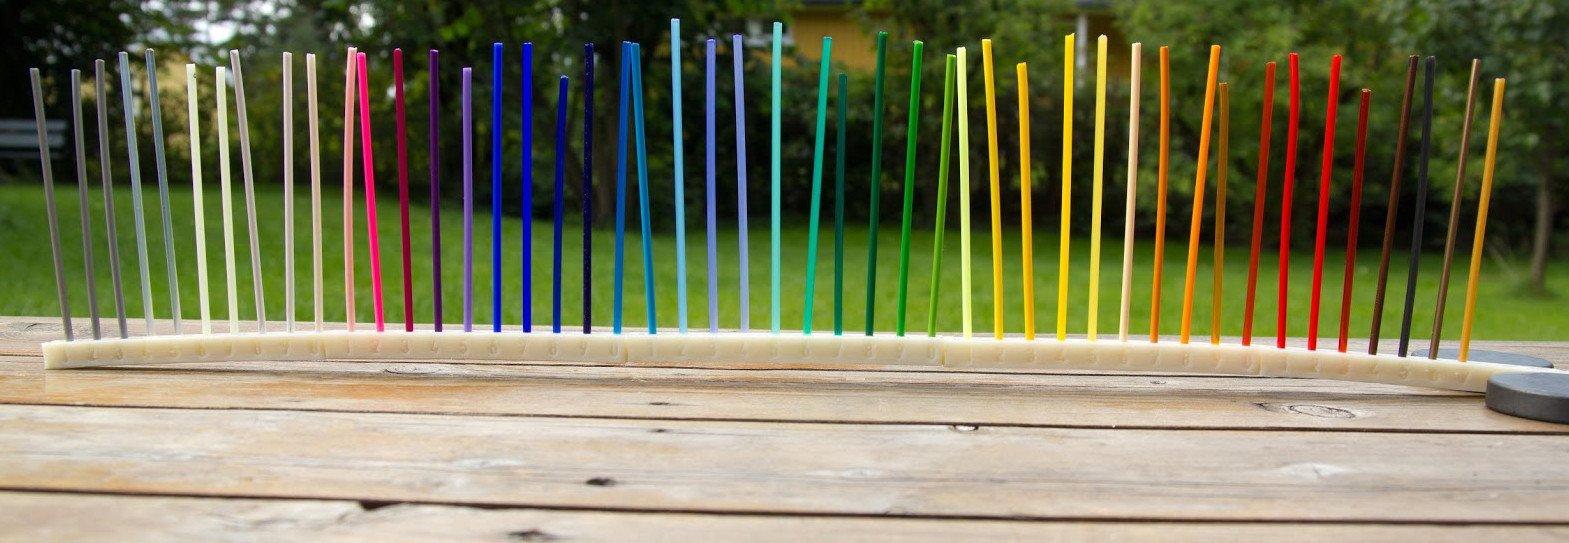 filament_colors_flashgamer